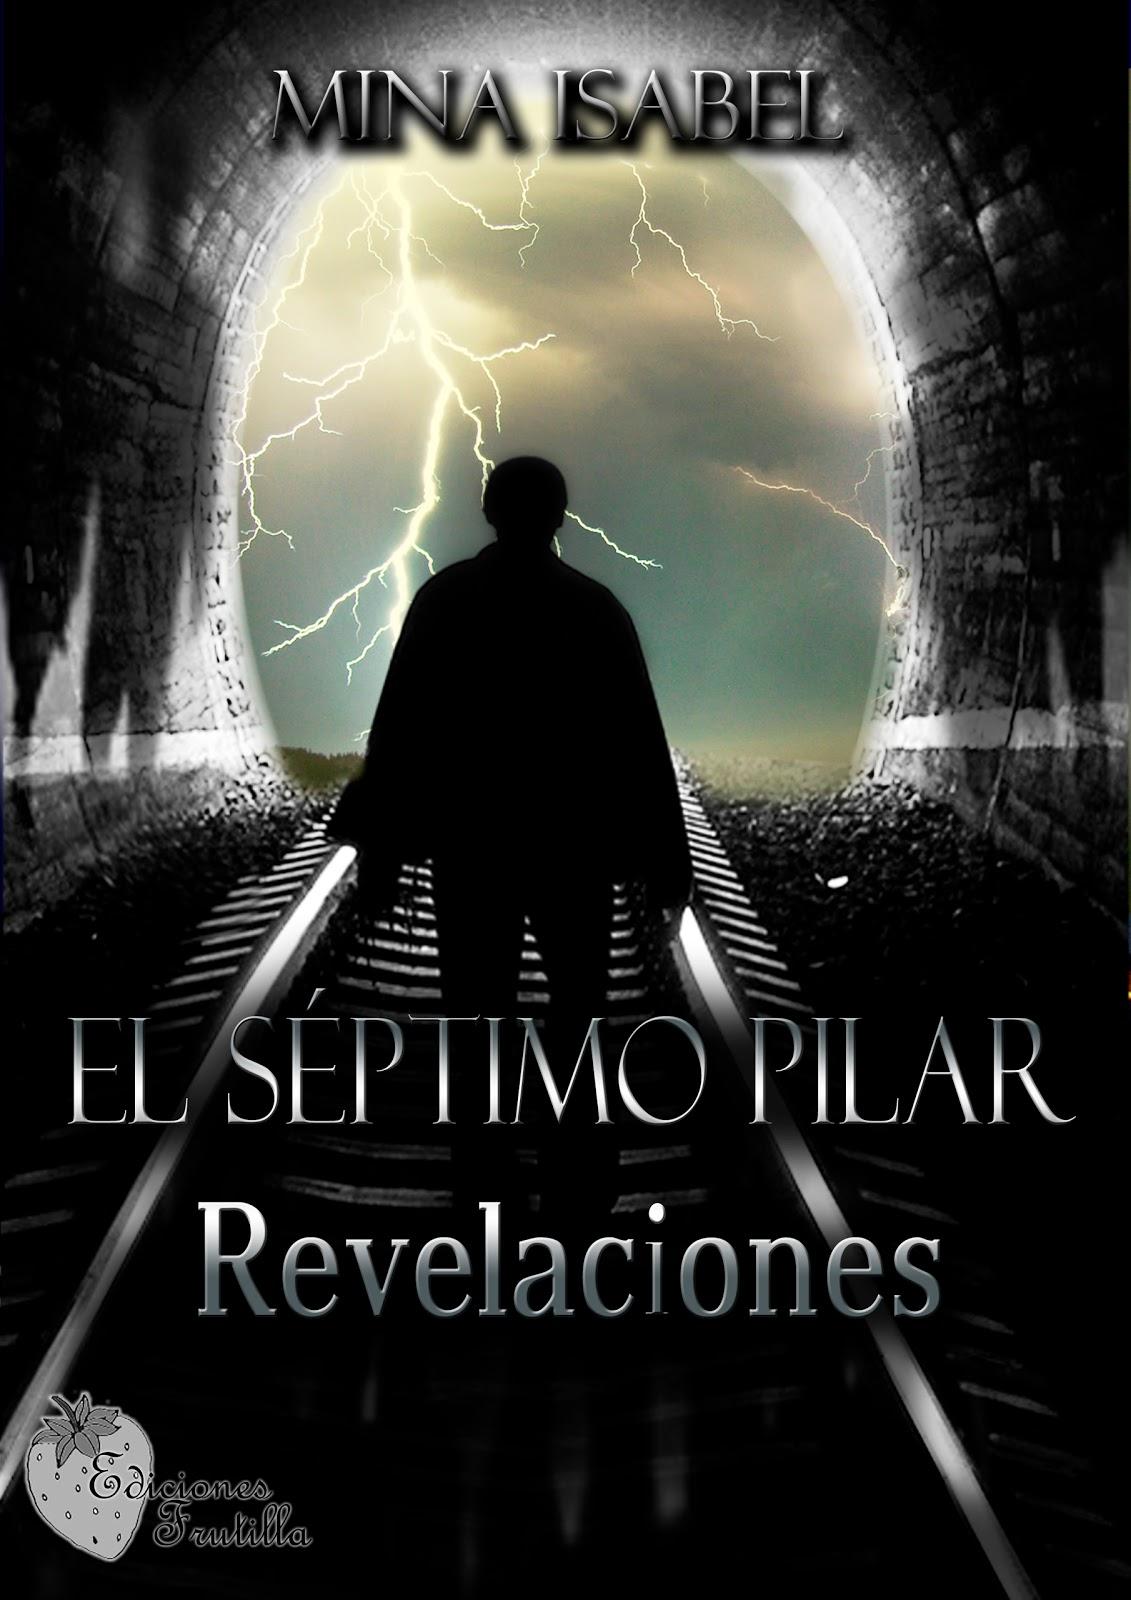 """Fic """"El séptimo pilar"""" de Mina Isabel. Portada"""